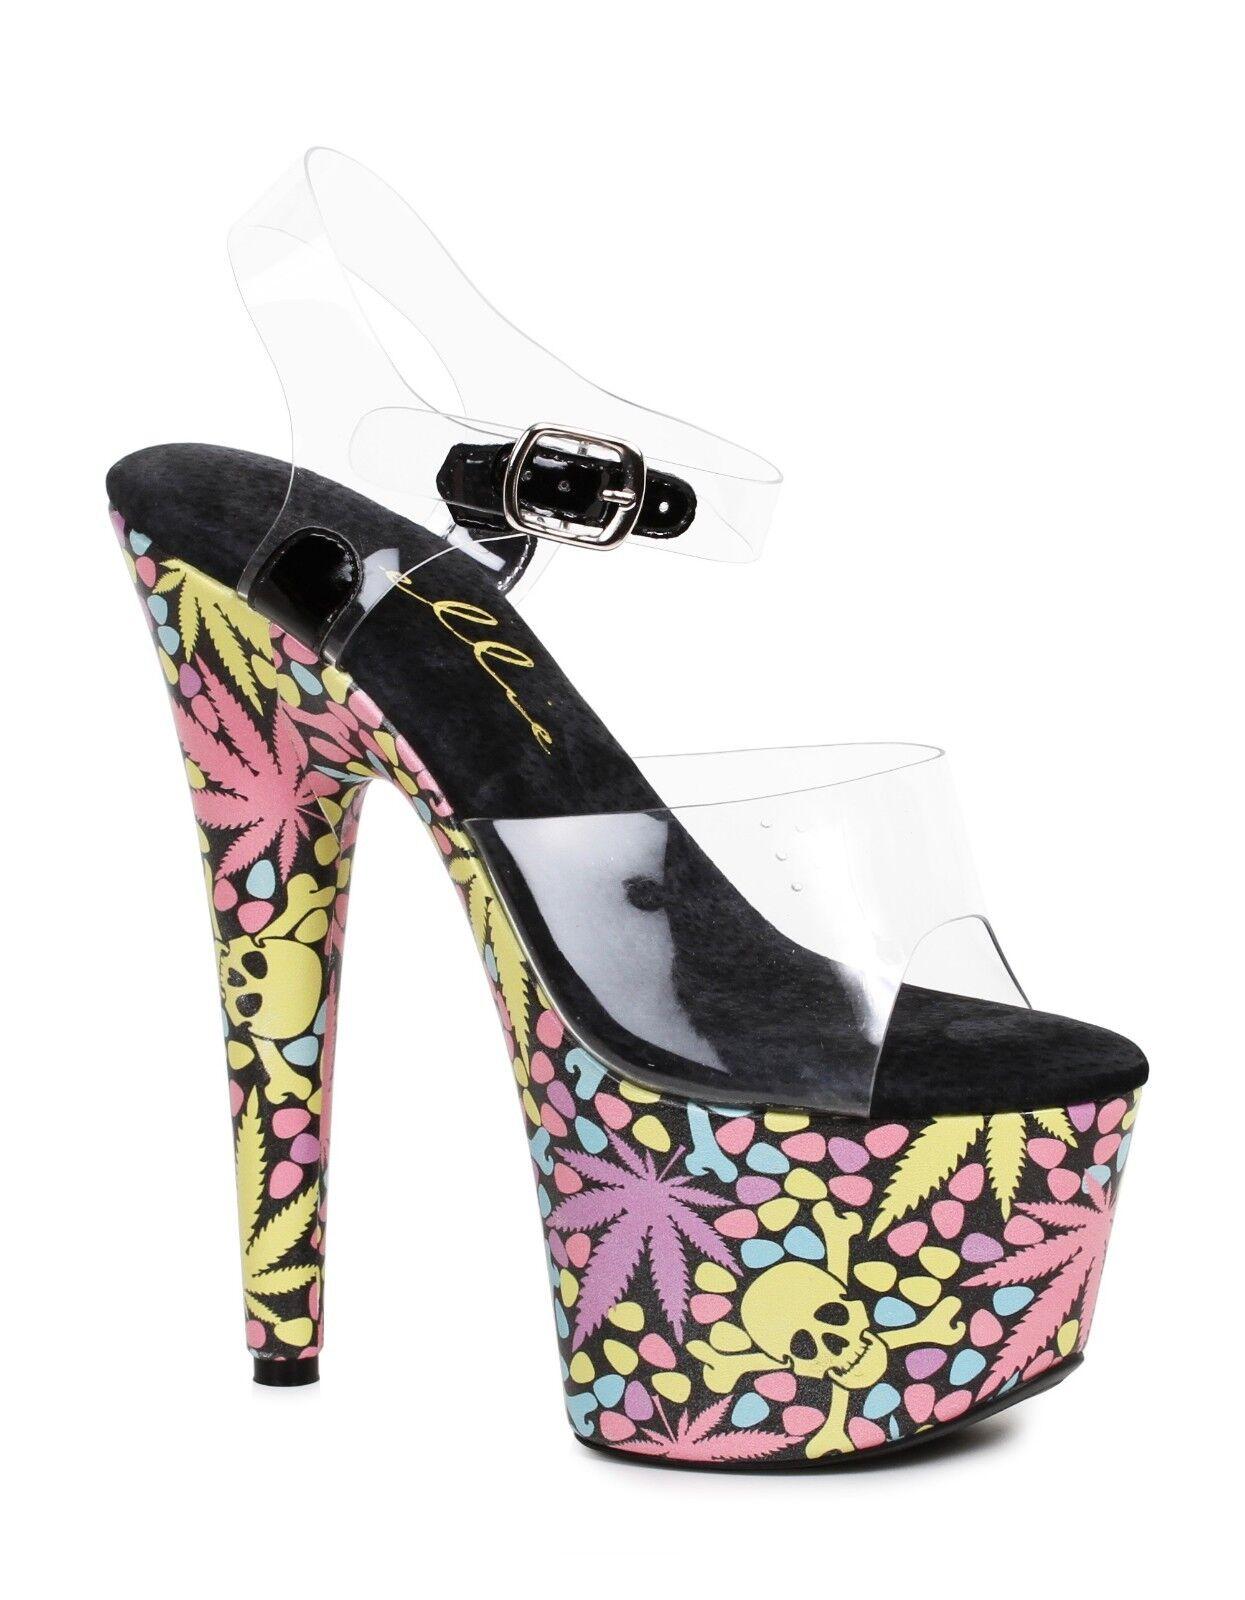 7  rosadodo claro negro marihuana leaf Stripper Tacones Zapatos Zapatos Zapatos De Plataforma Tacones Ellie  ahorra hasta un 70%